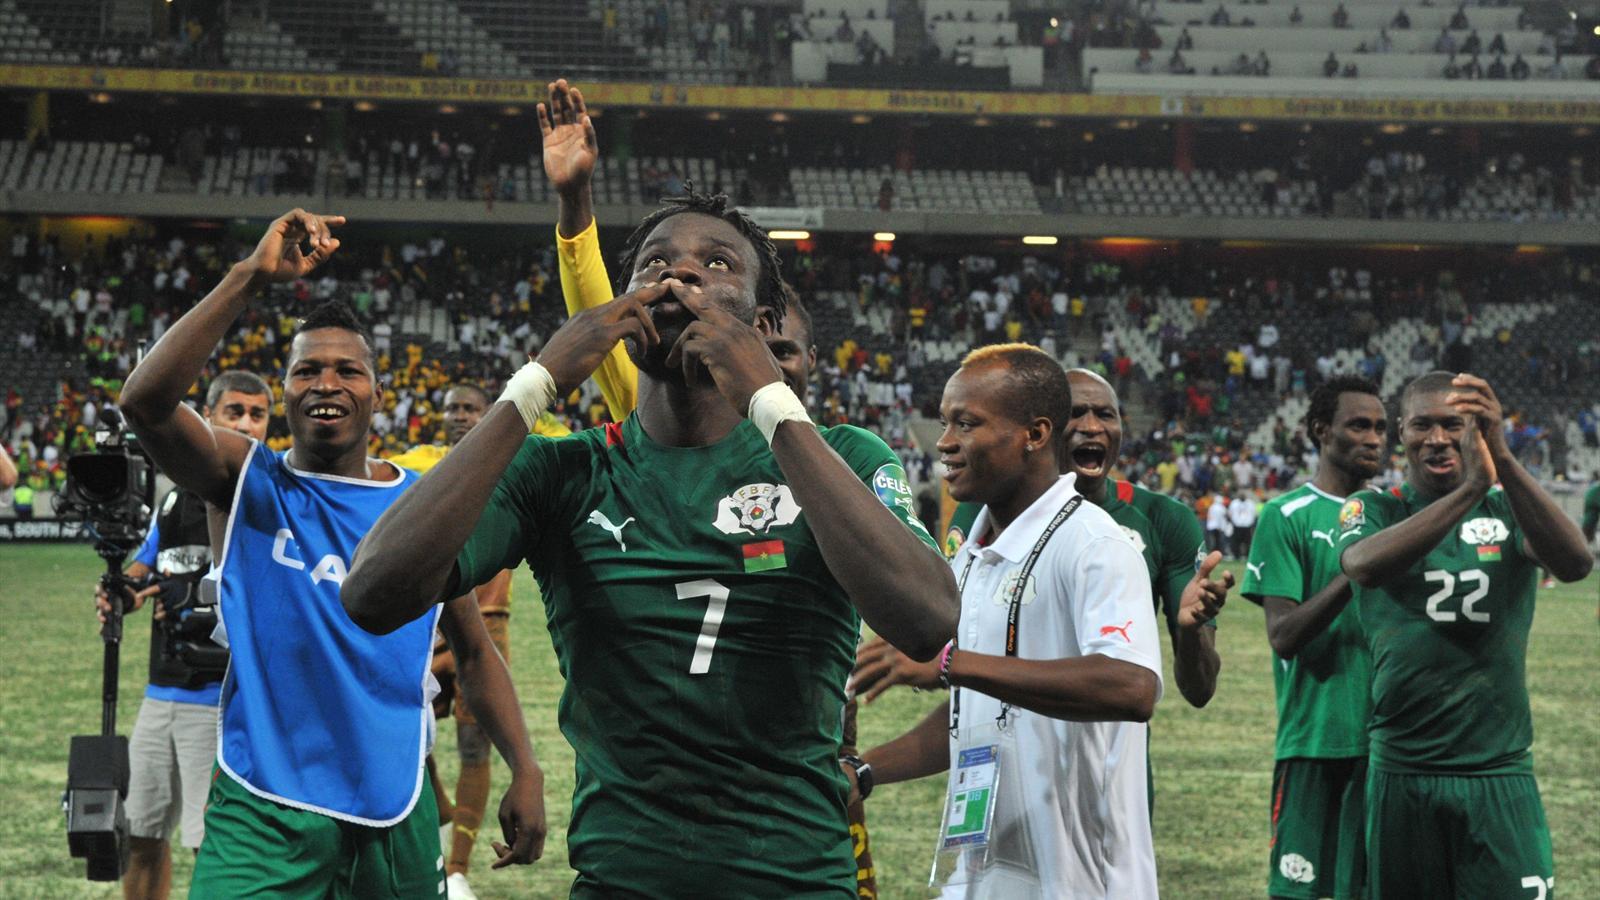 Historique burkina faso coupe d 39 afrique des nations 2013 football eurosport - Resultat foot coupe d afrique ...